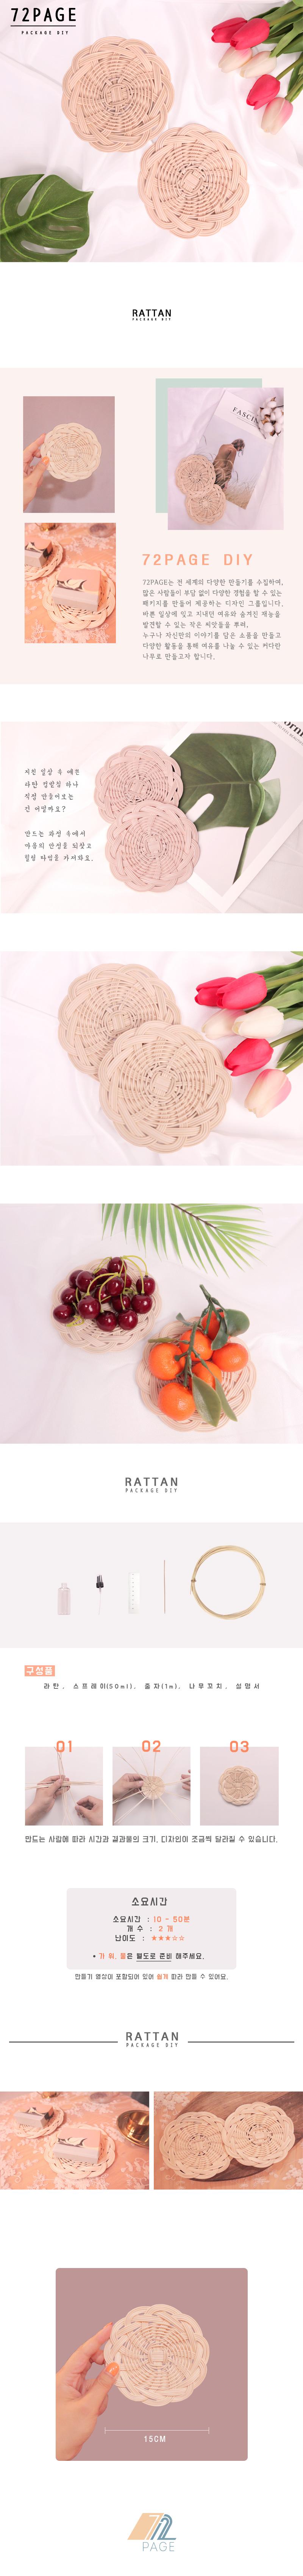 라탄 컵받침 두개 만들기 패키지 DIY - 72페이지, 12,000원, 전통/염색공예, 기타소품 패키지